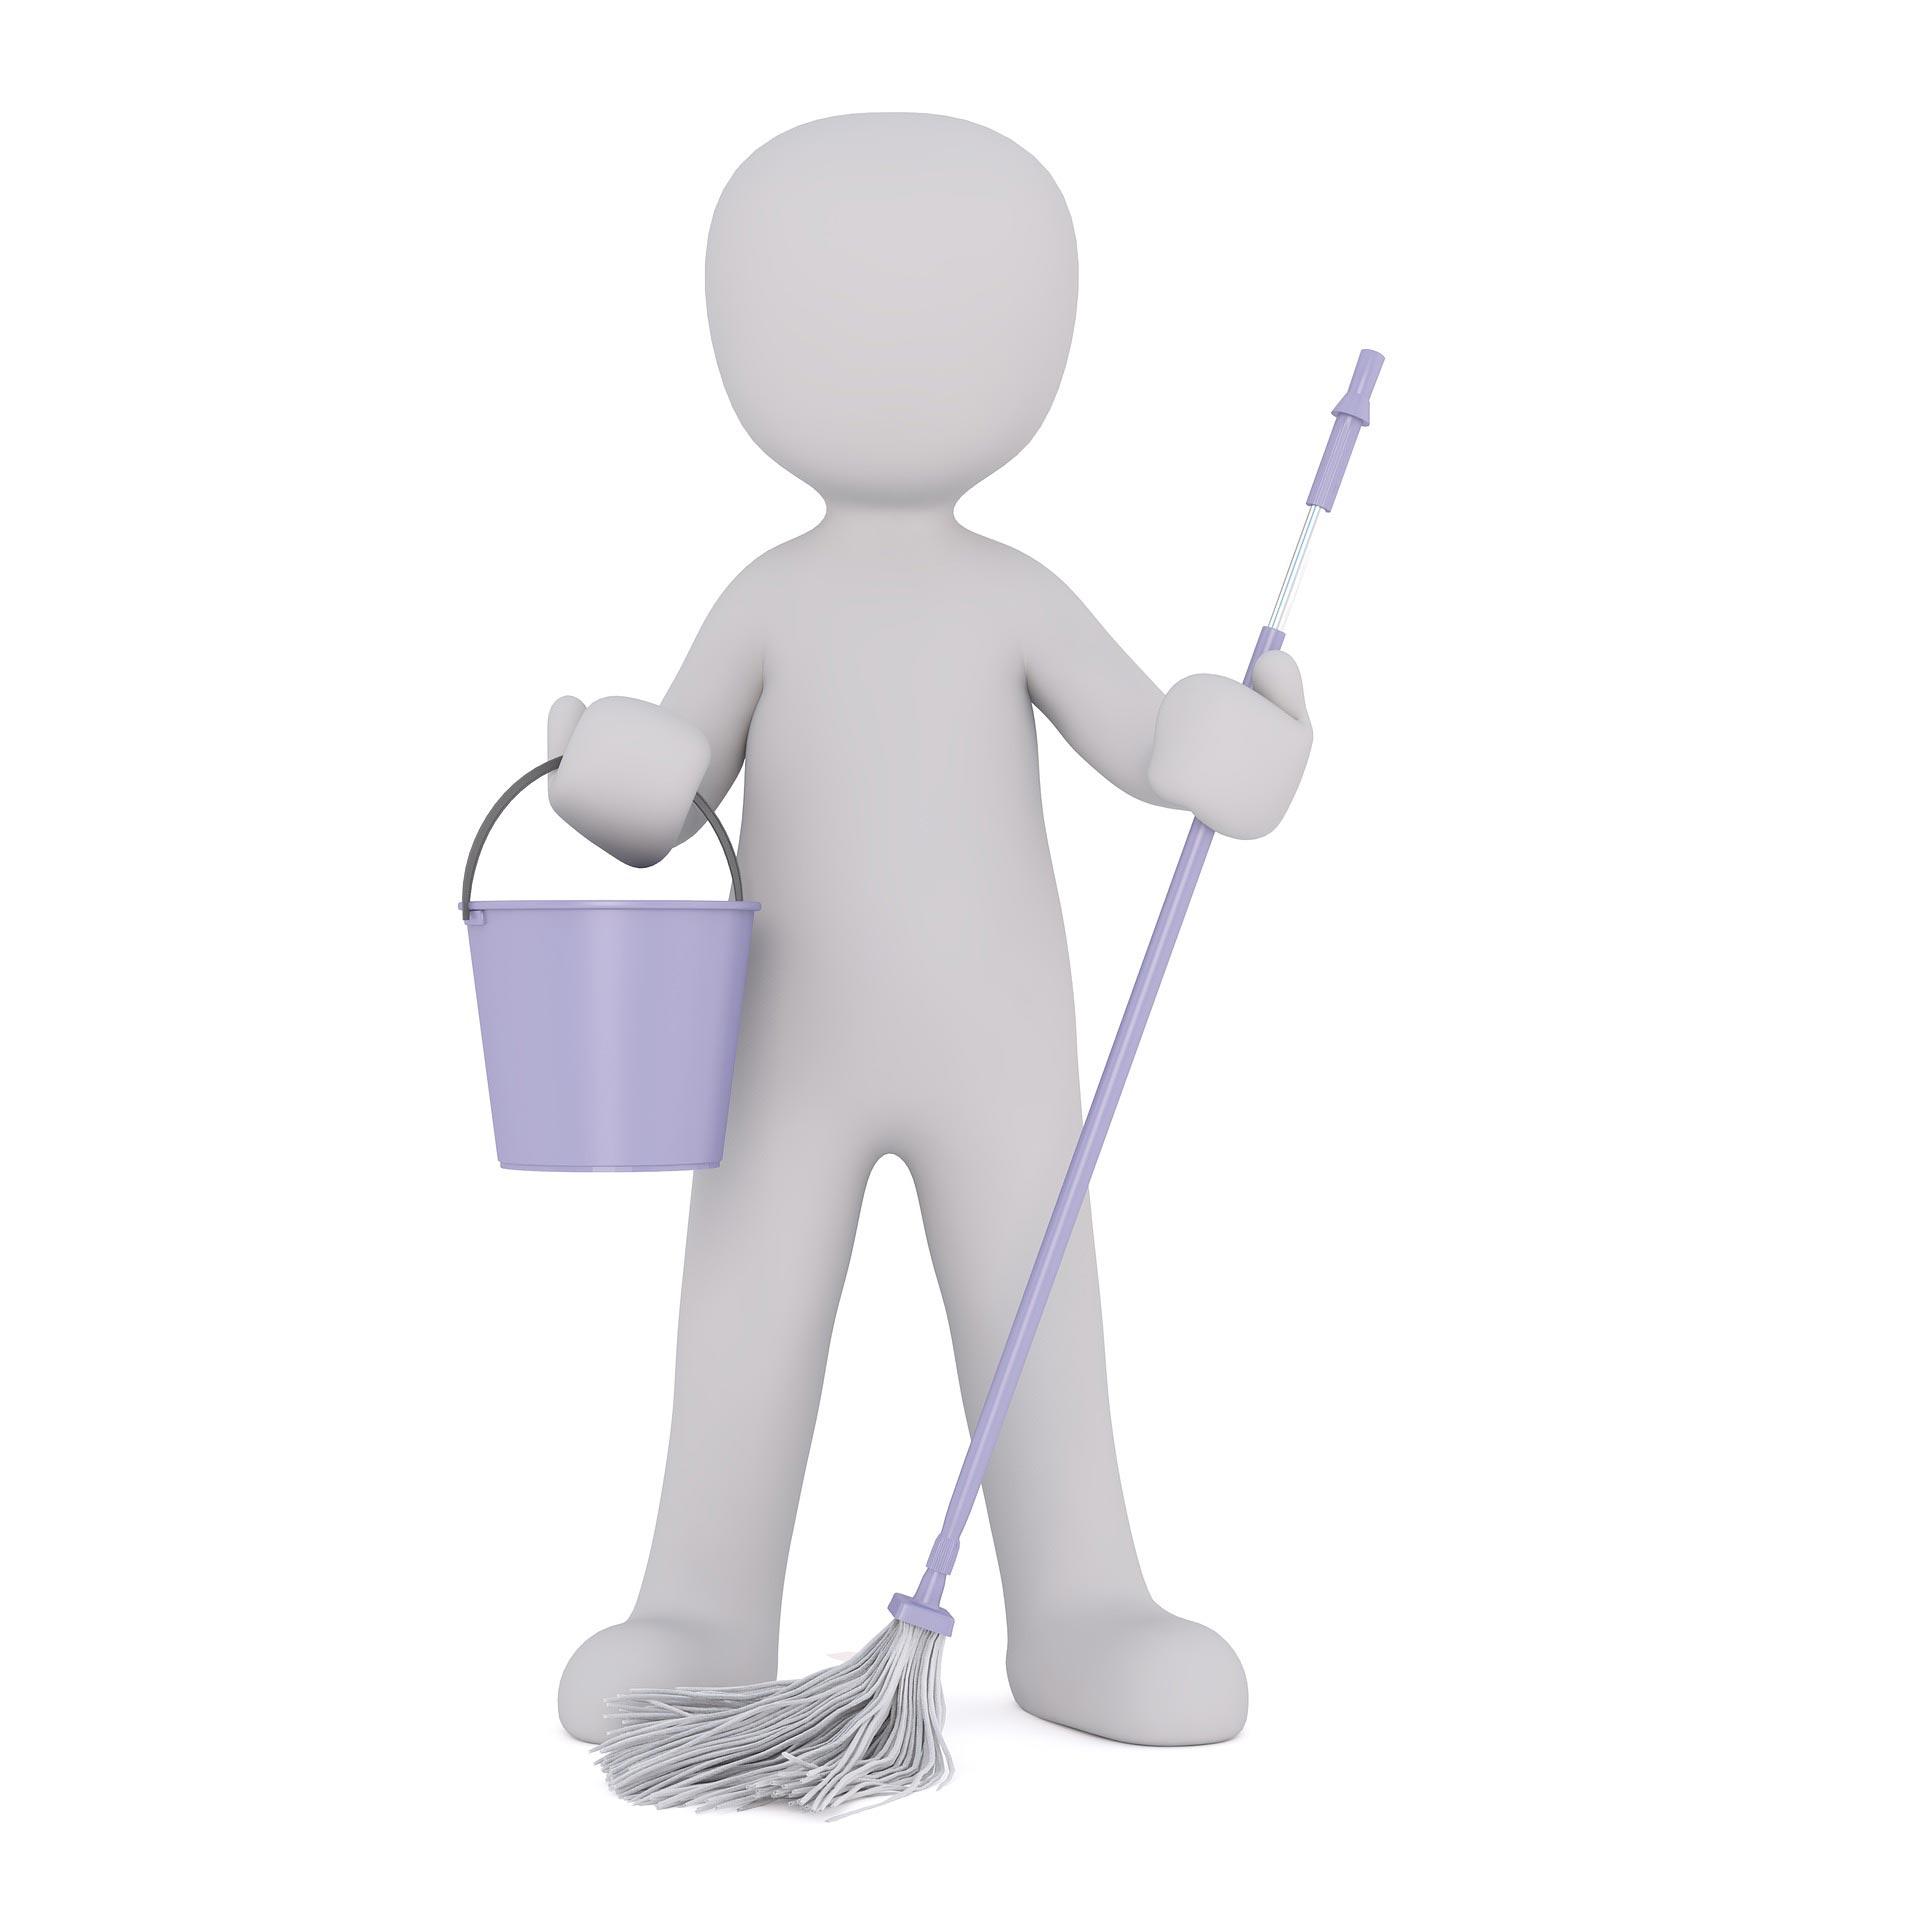 Si eres empresario, tienes tu propio negocio y necesitas una ayuda para la limpieza y mantenimiento de oficinas has llegado al lugar indicado. En este post te vamos a dar la información y consejos que necesitas para desempeñar correctamente el protocolo de limpieza de oficinas.